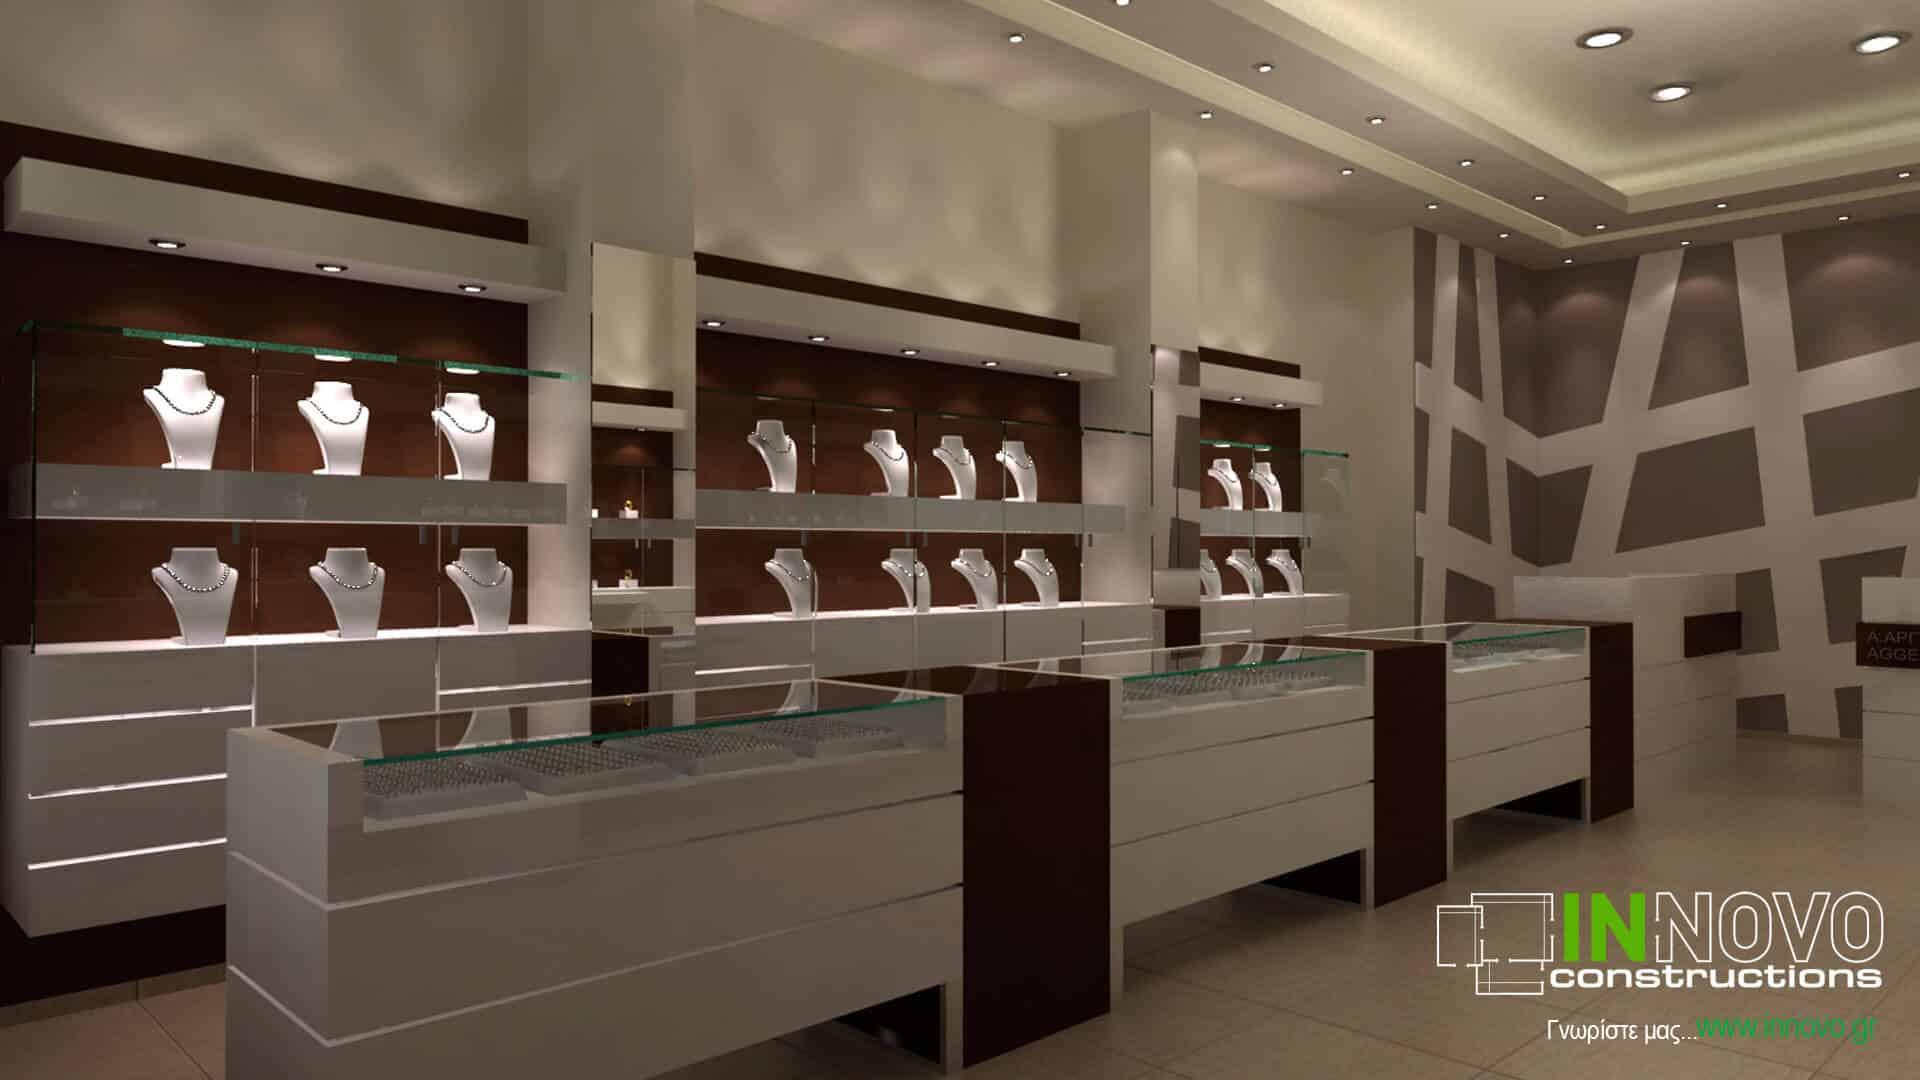 diakosmisi-kosmimatopoleiou-jewelry-design-kosmimatopoleio-lefkada-1187-11